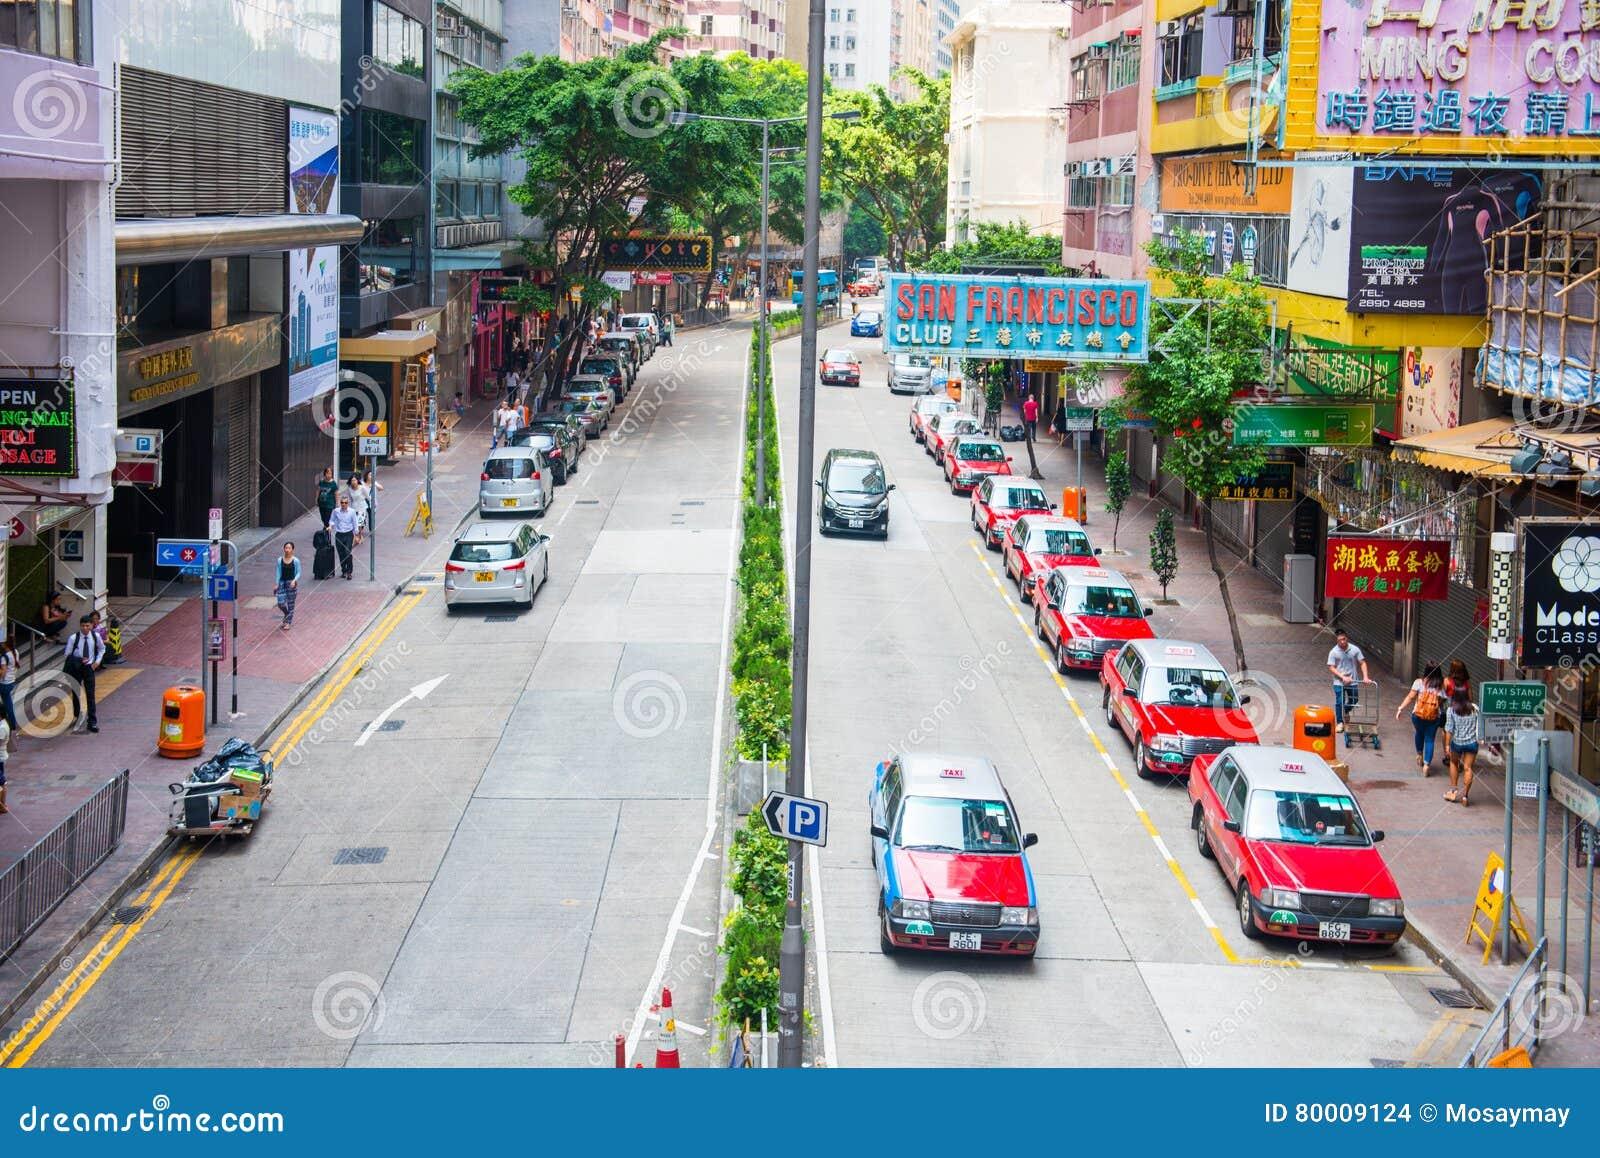 Hong Kong - 22. September 2016: Rotes Taxi auf der Straße, Hong Kong